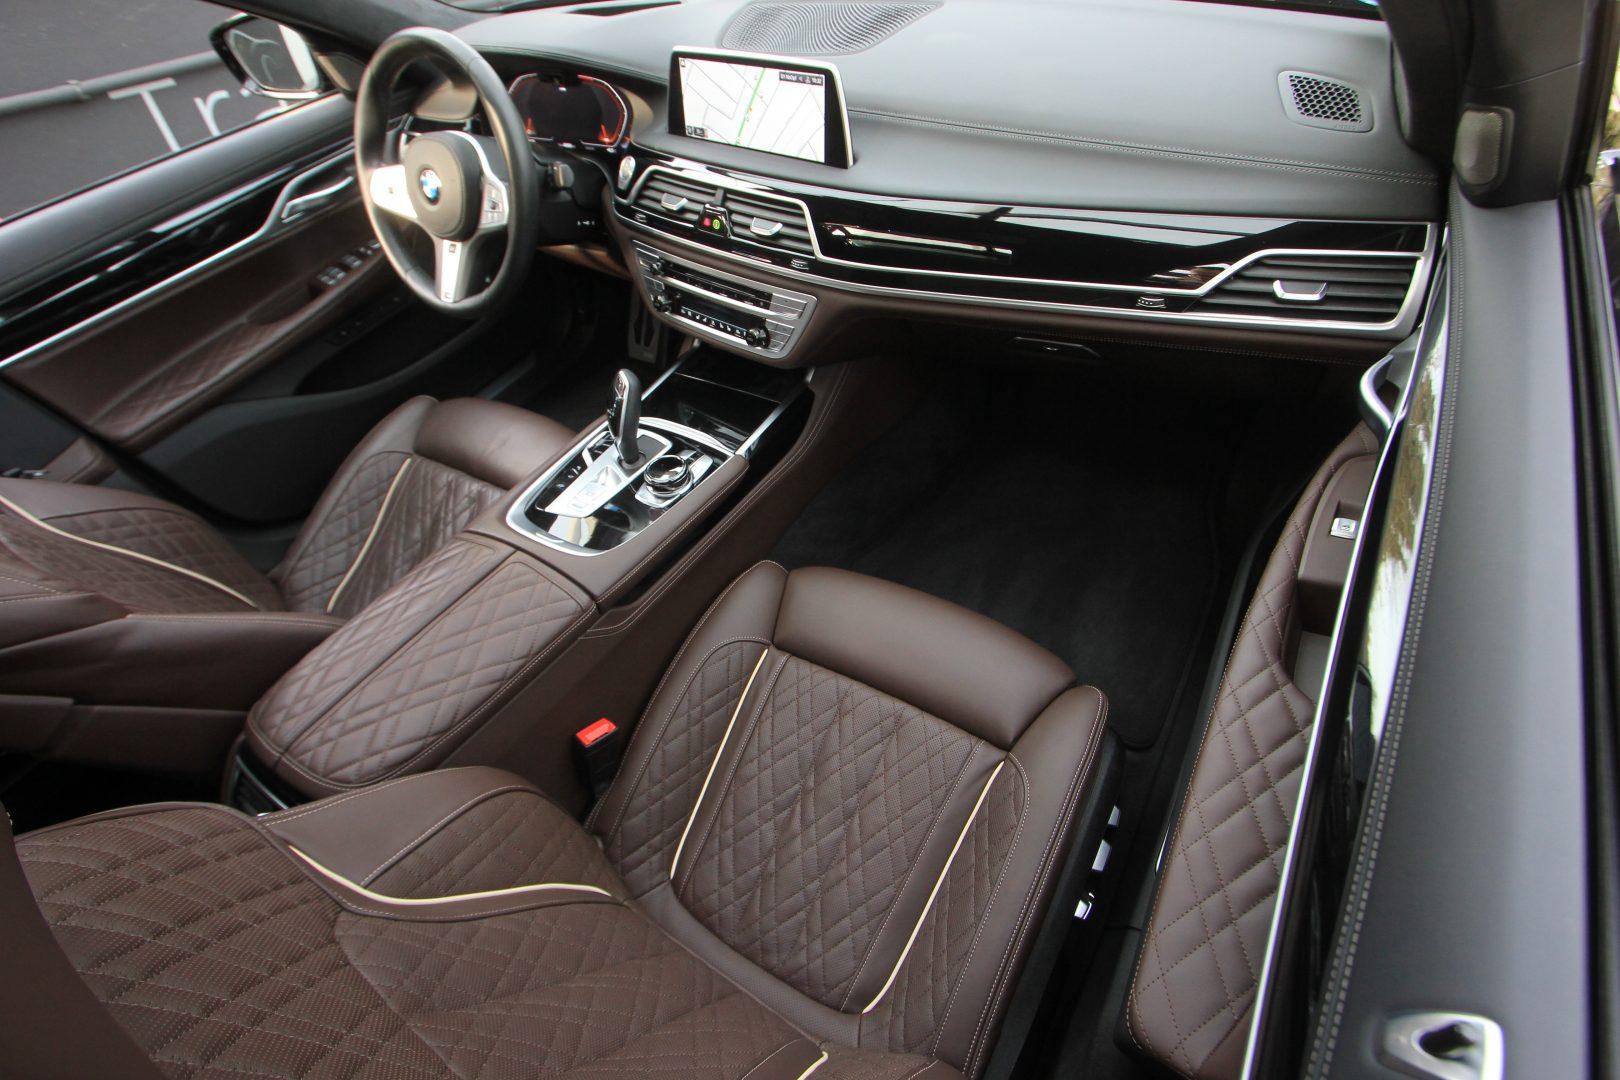 AIL BMW 730Ld xDrive M Paket Laser  14